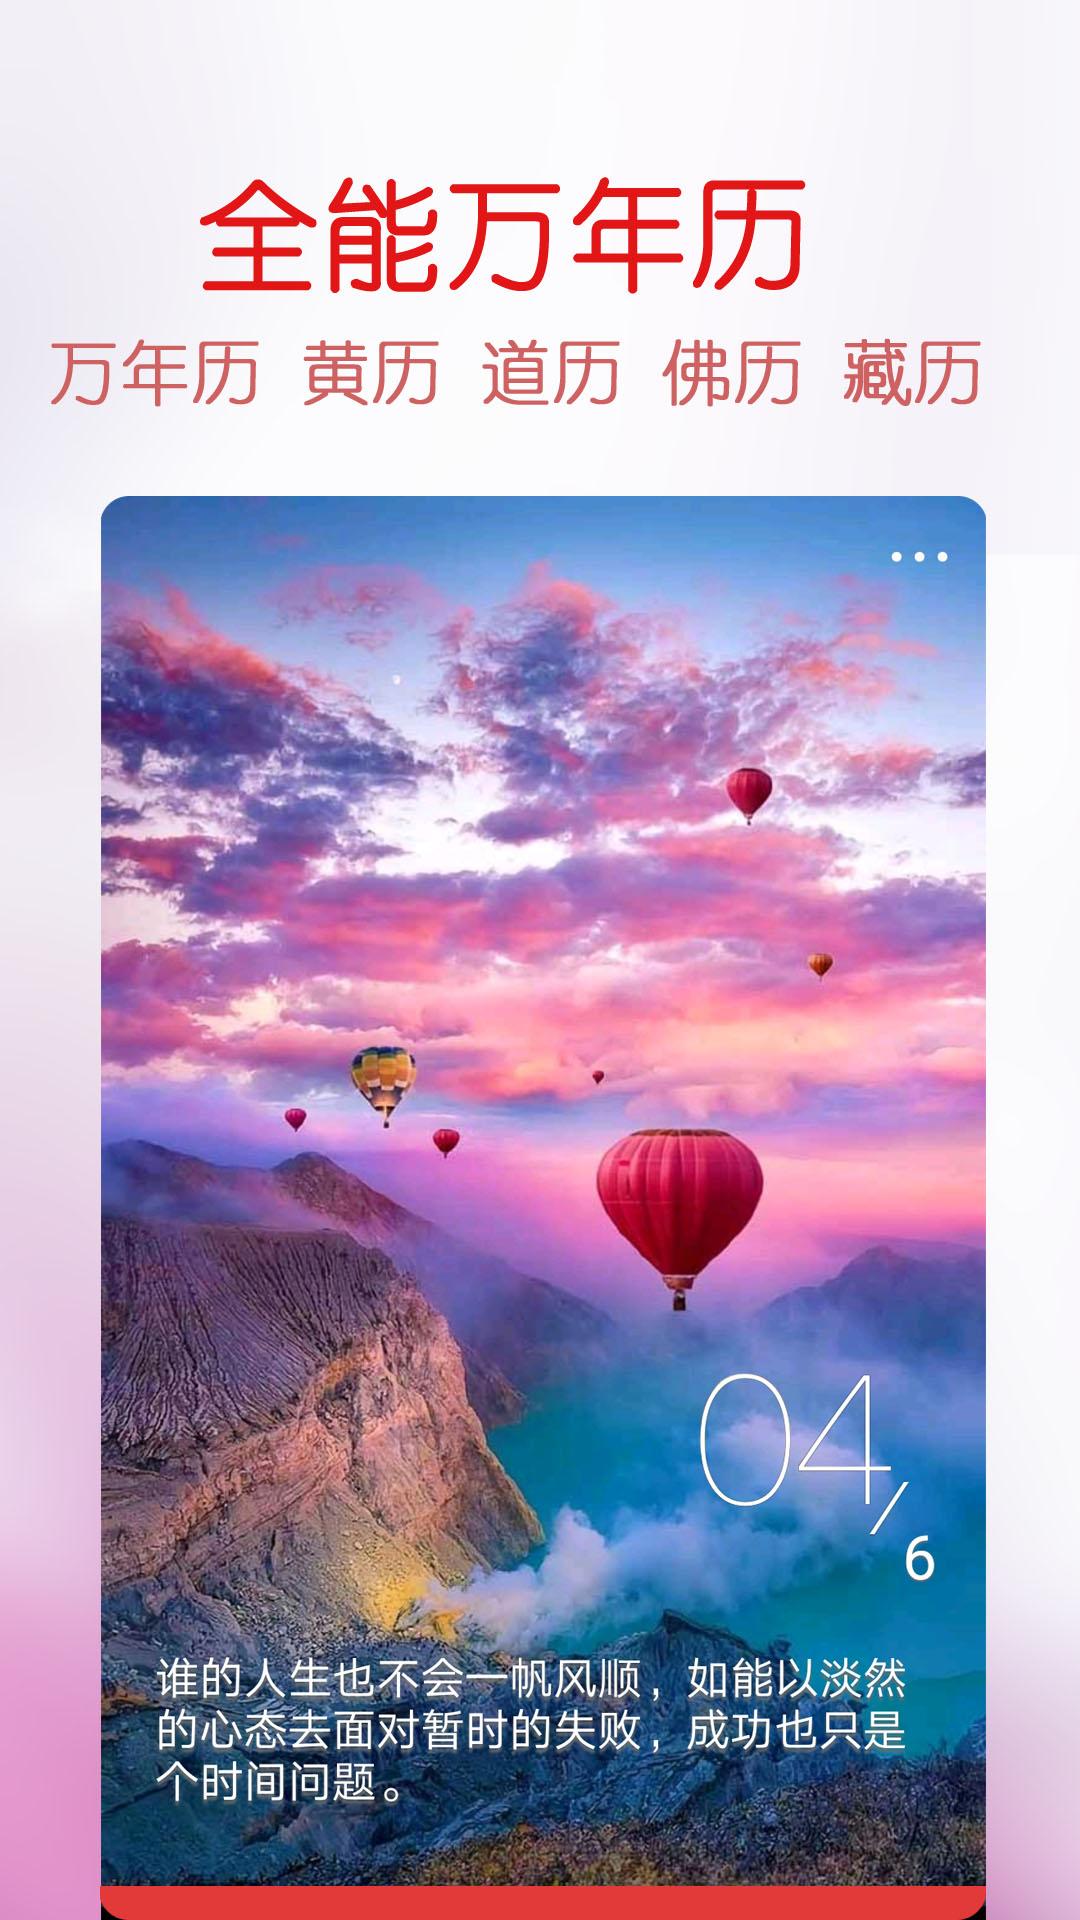 蓝鹤万年历黄历 V4.9.6 安卓版截图2